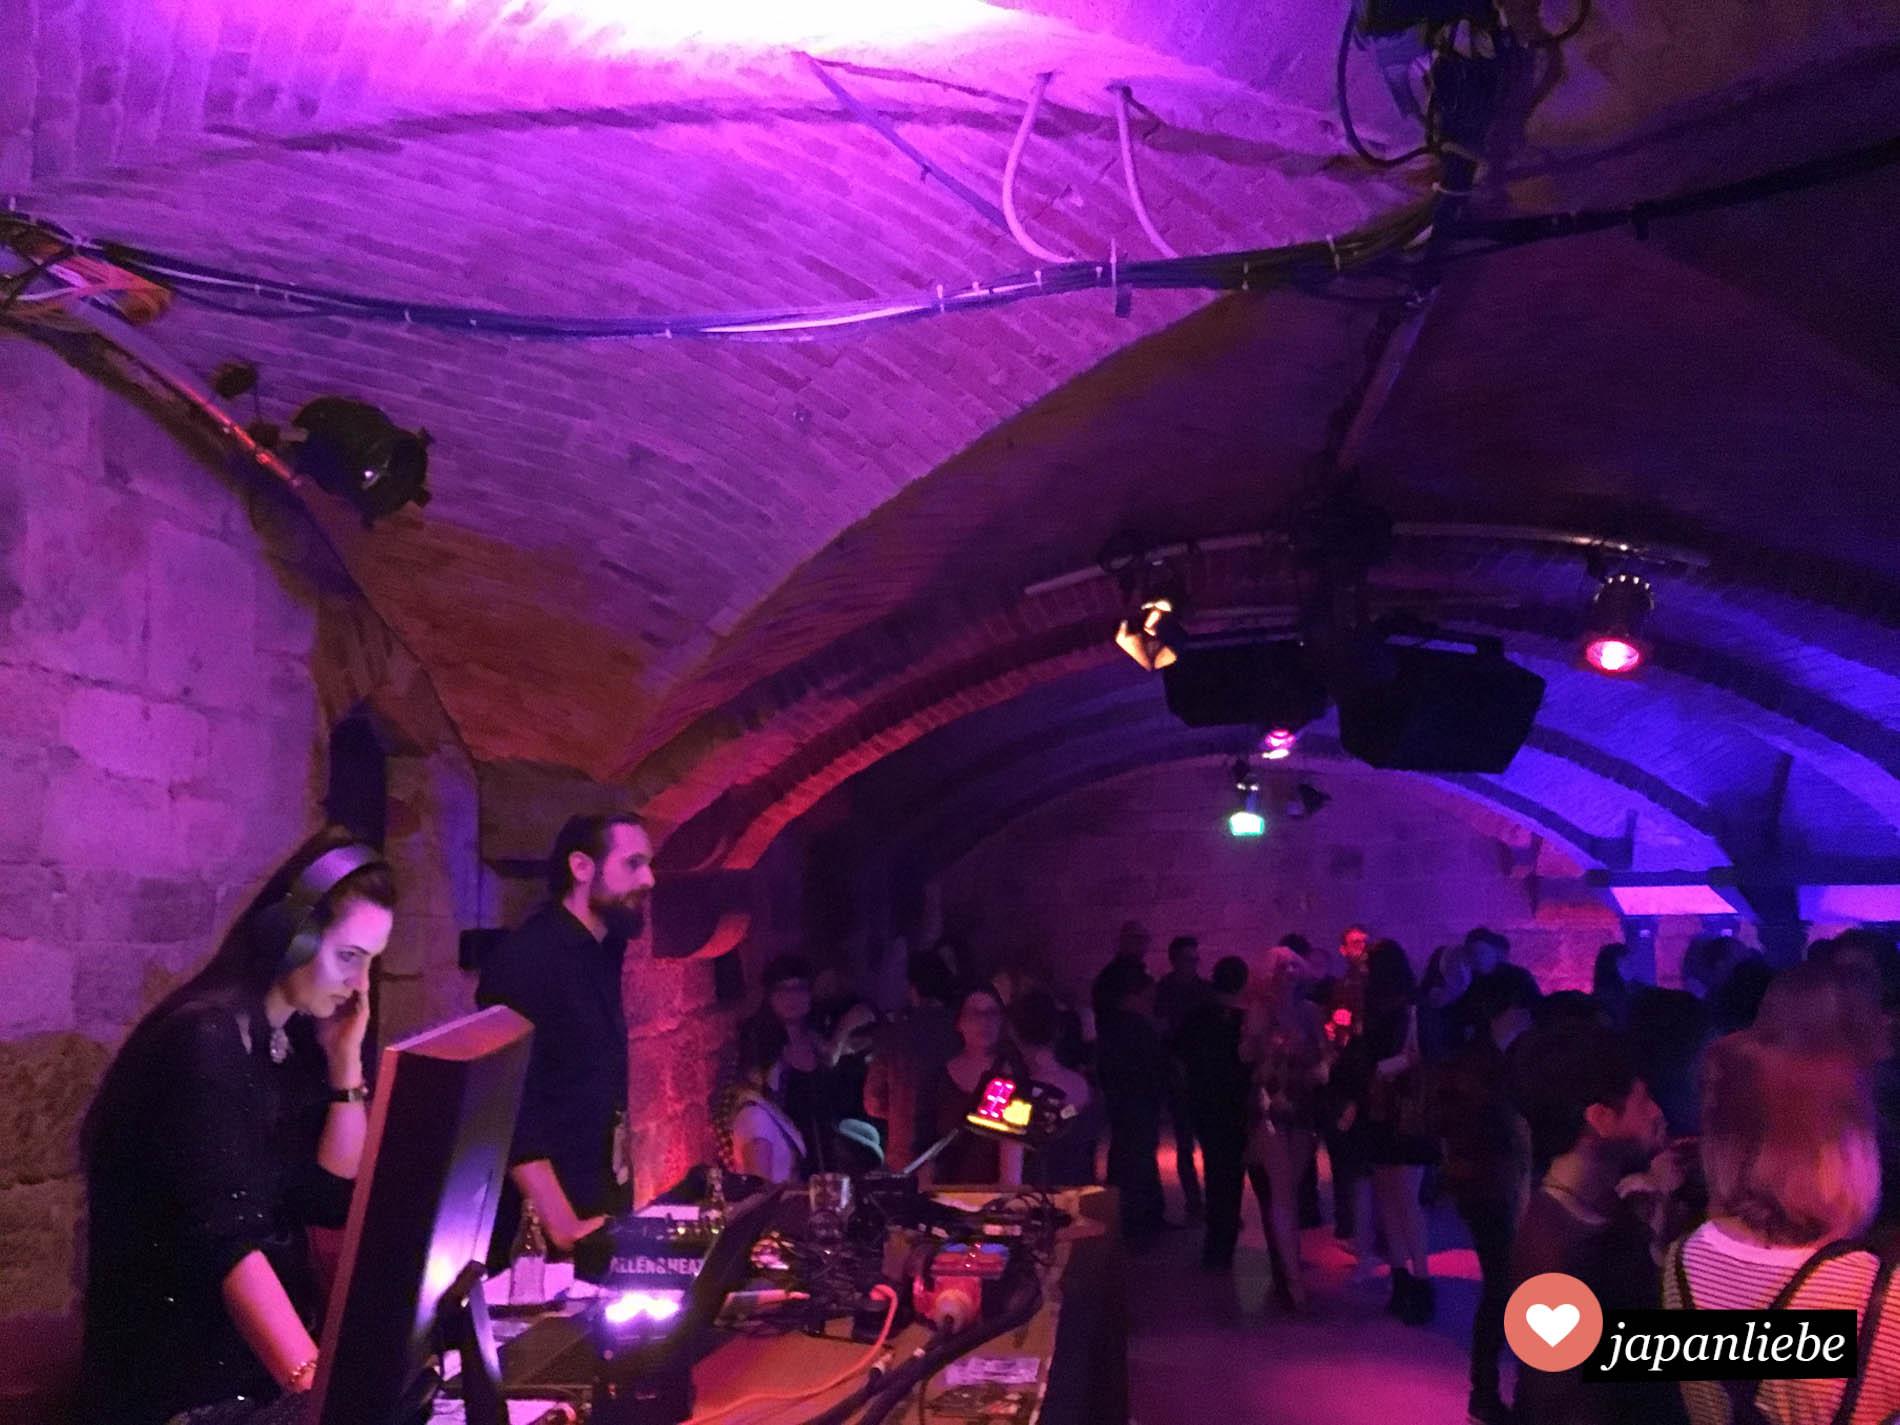 Die Connichi Party am Freitag Abend ist legendär. Gefühlt war ichd ie einzige Person, die nicht im Cosplay dort war xD